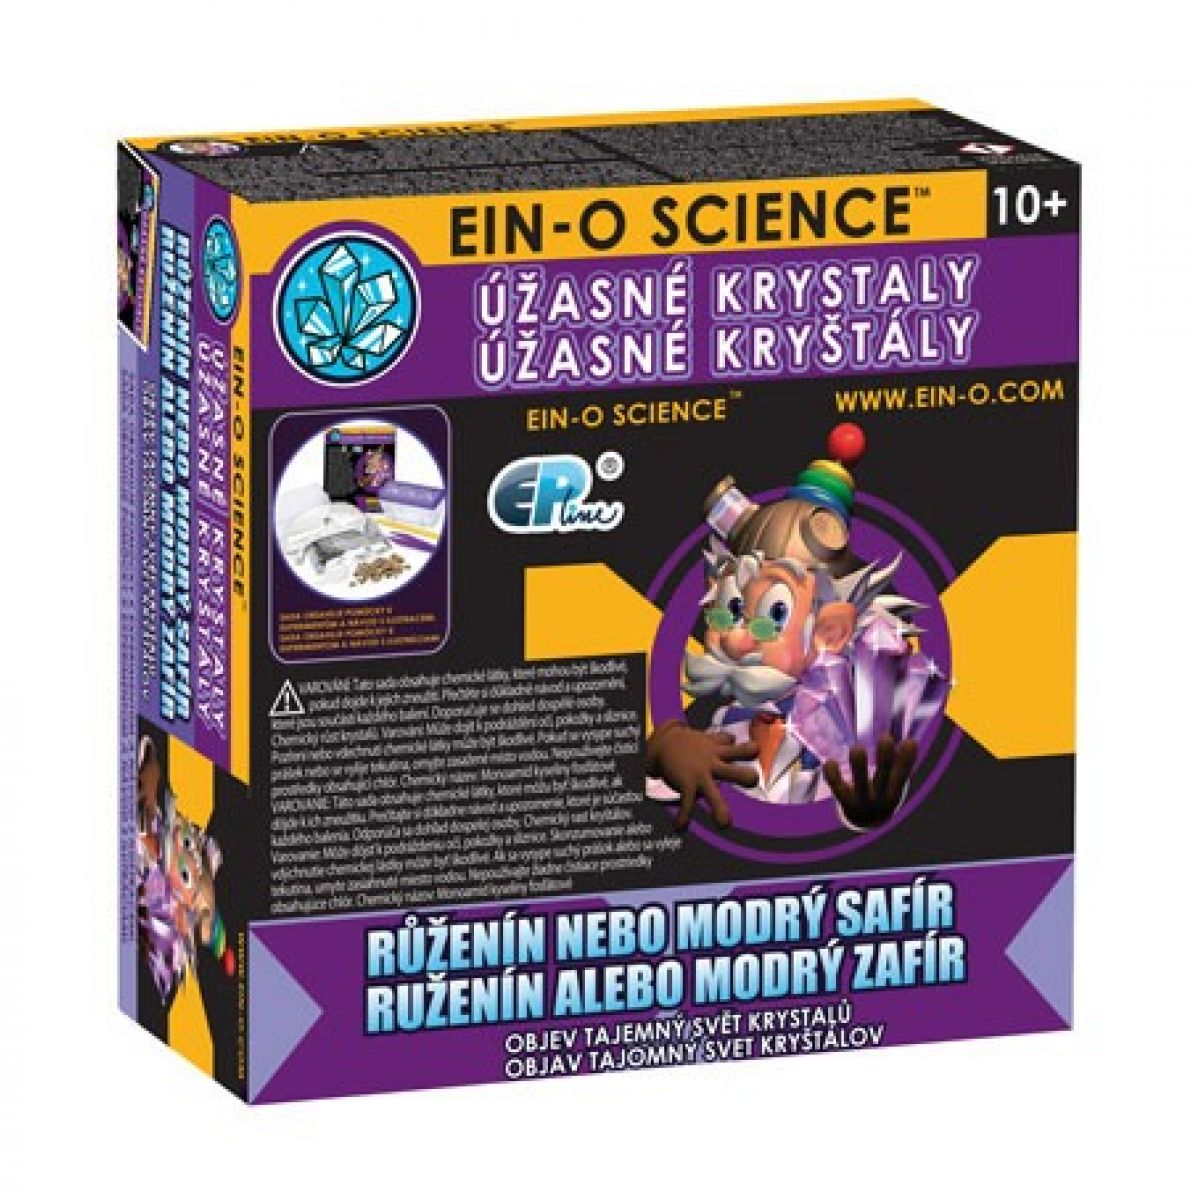 EIN-O Science Úžasné kryštály Ruženín alebo modrý zafír